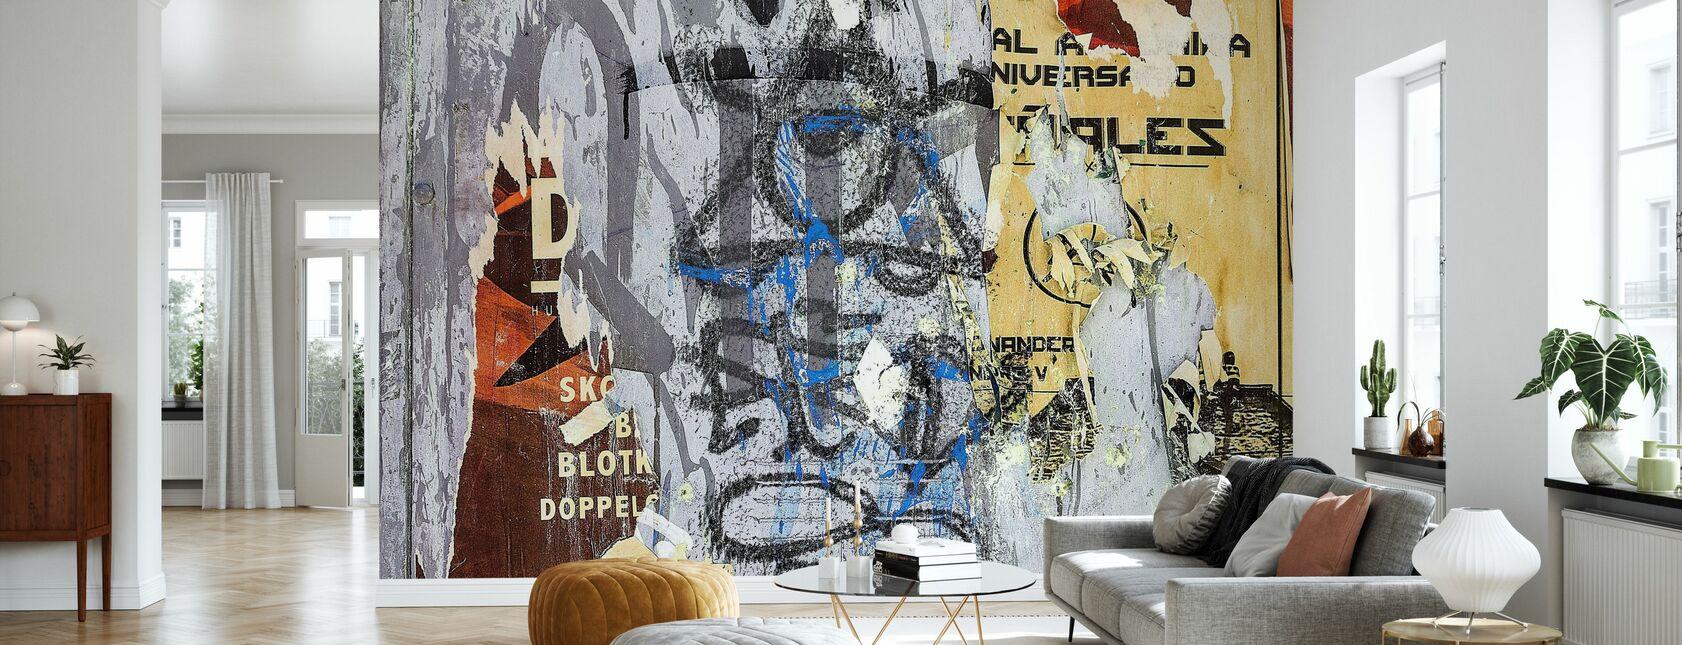 Revitty julisteita ja graffiti - Tapetti - Olohuone